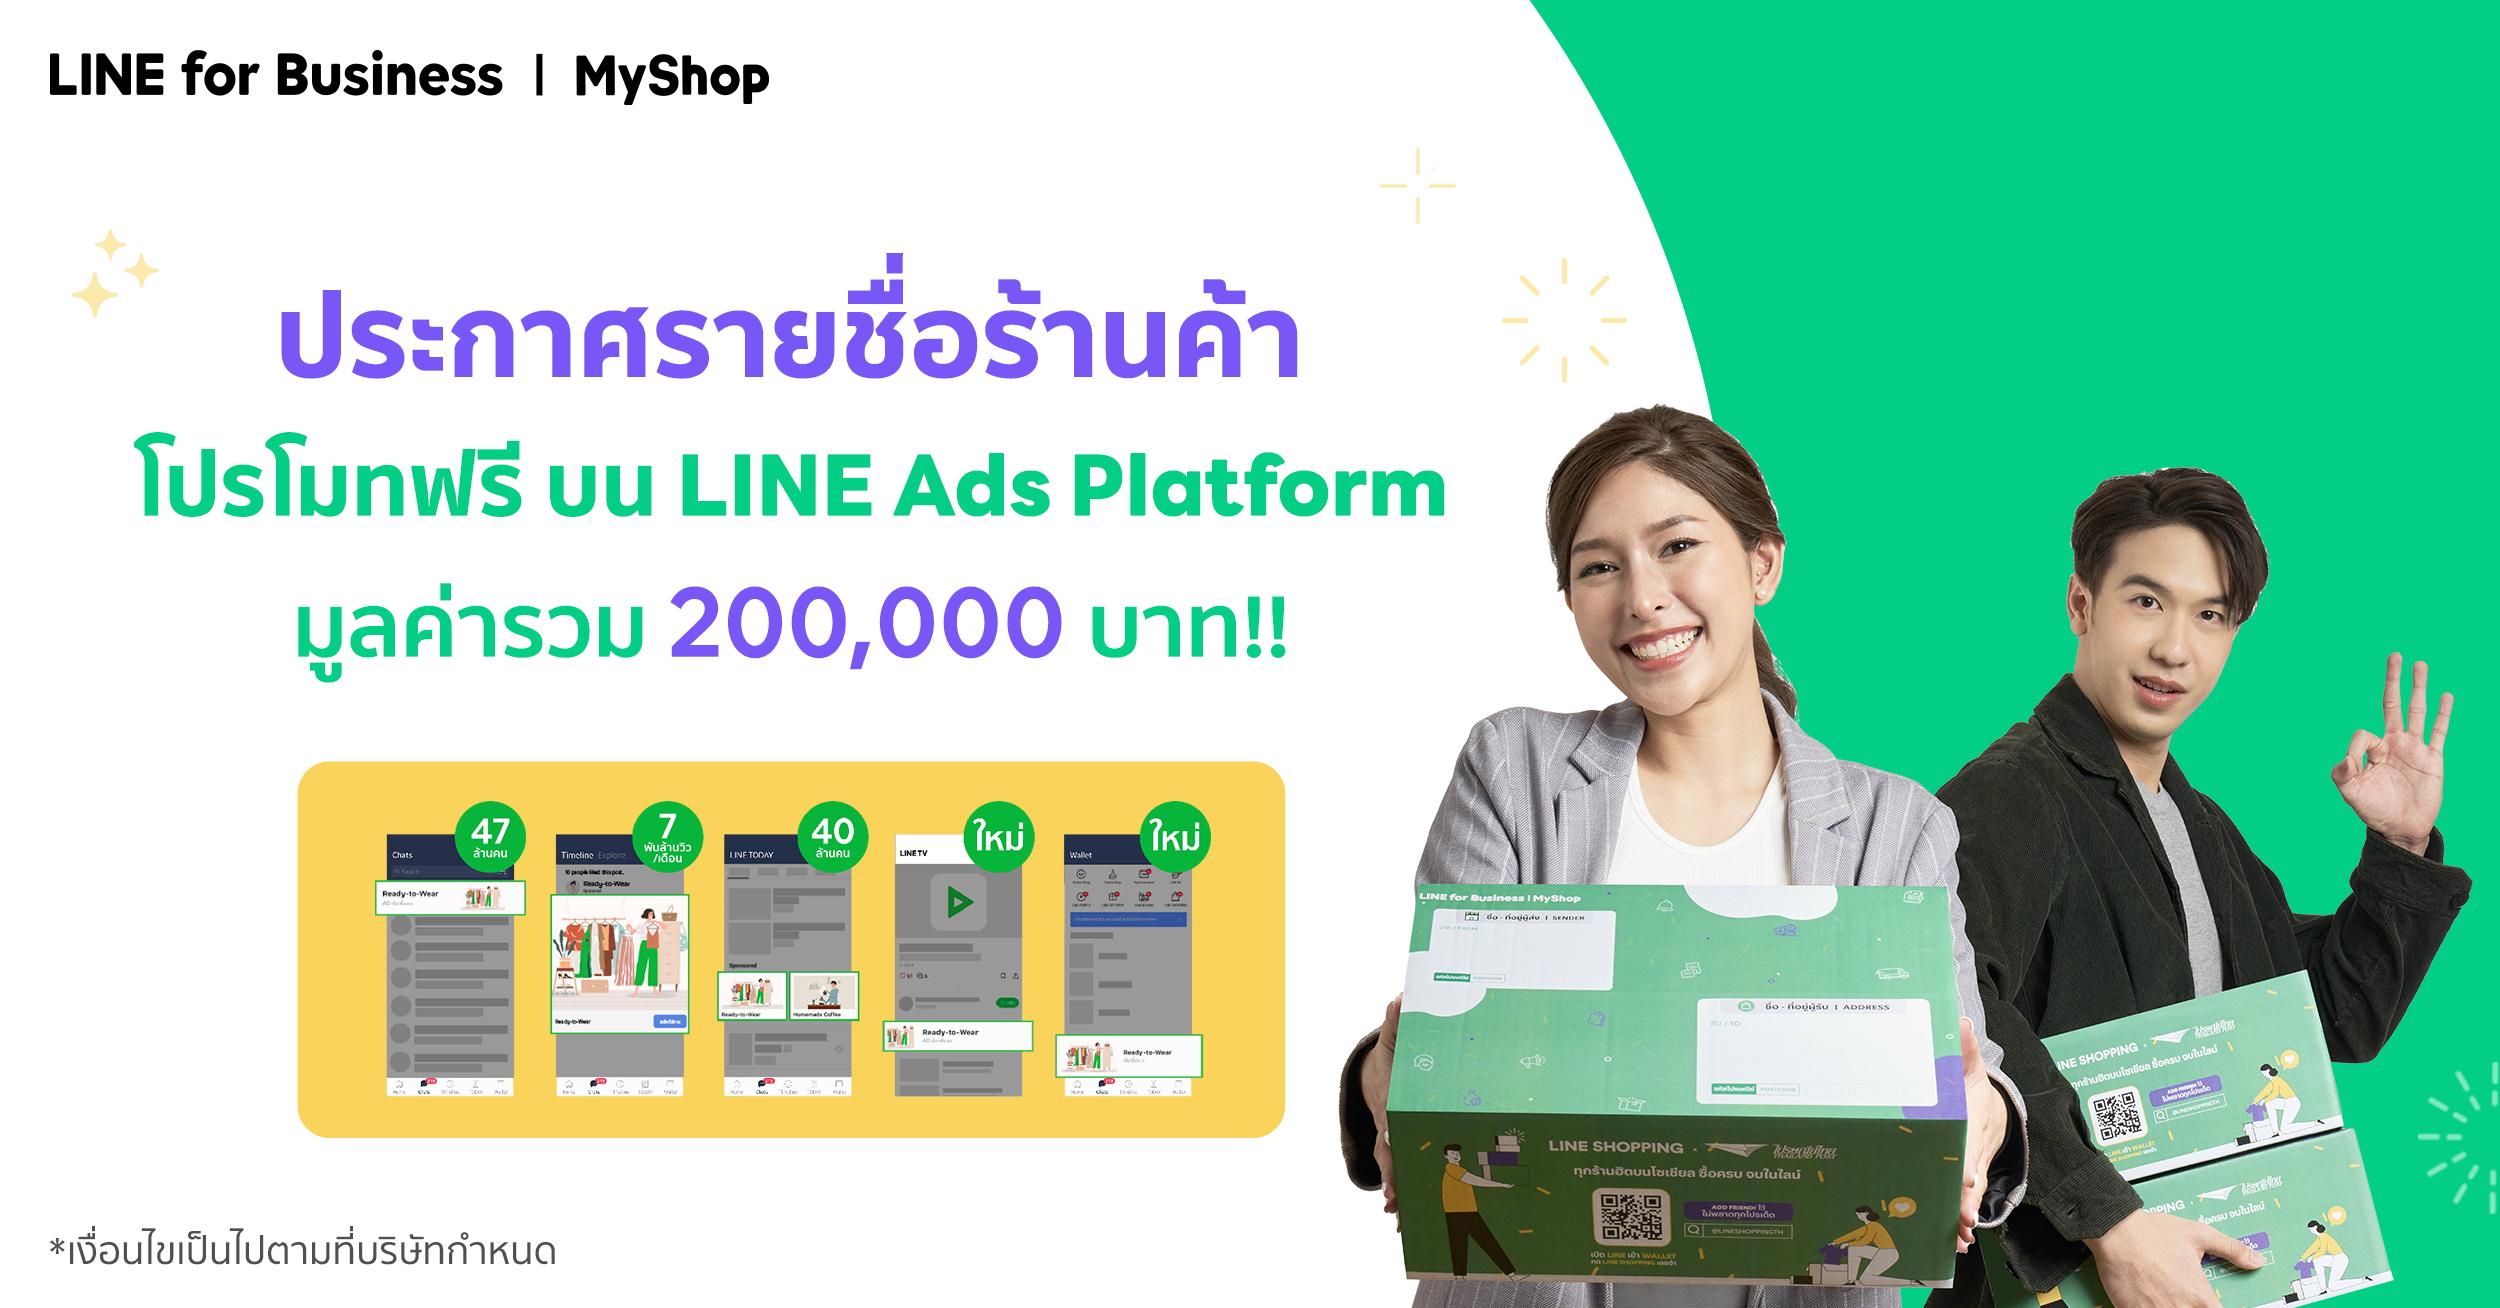 ประกาศรายชื่อร้านค้าที่ได้รับการโปรโมทบน LINE Ads Platform มูลค่ารวม 200,000 บาท แคมเปญประจำเดือนกรกฎาคม 2564